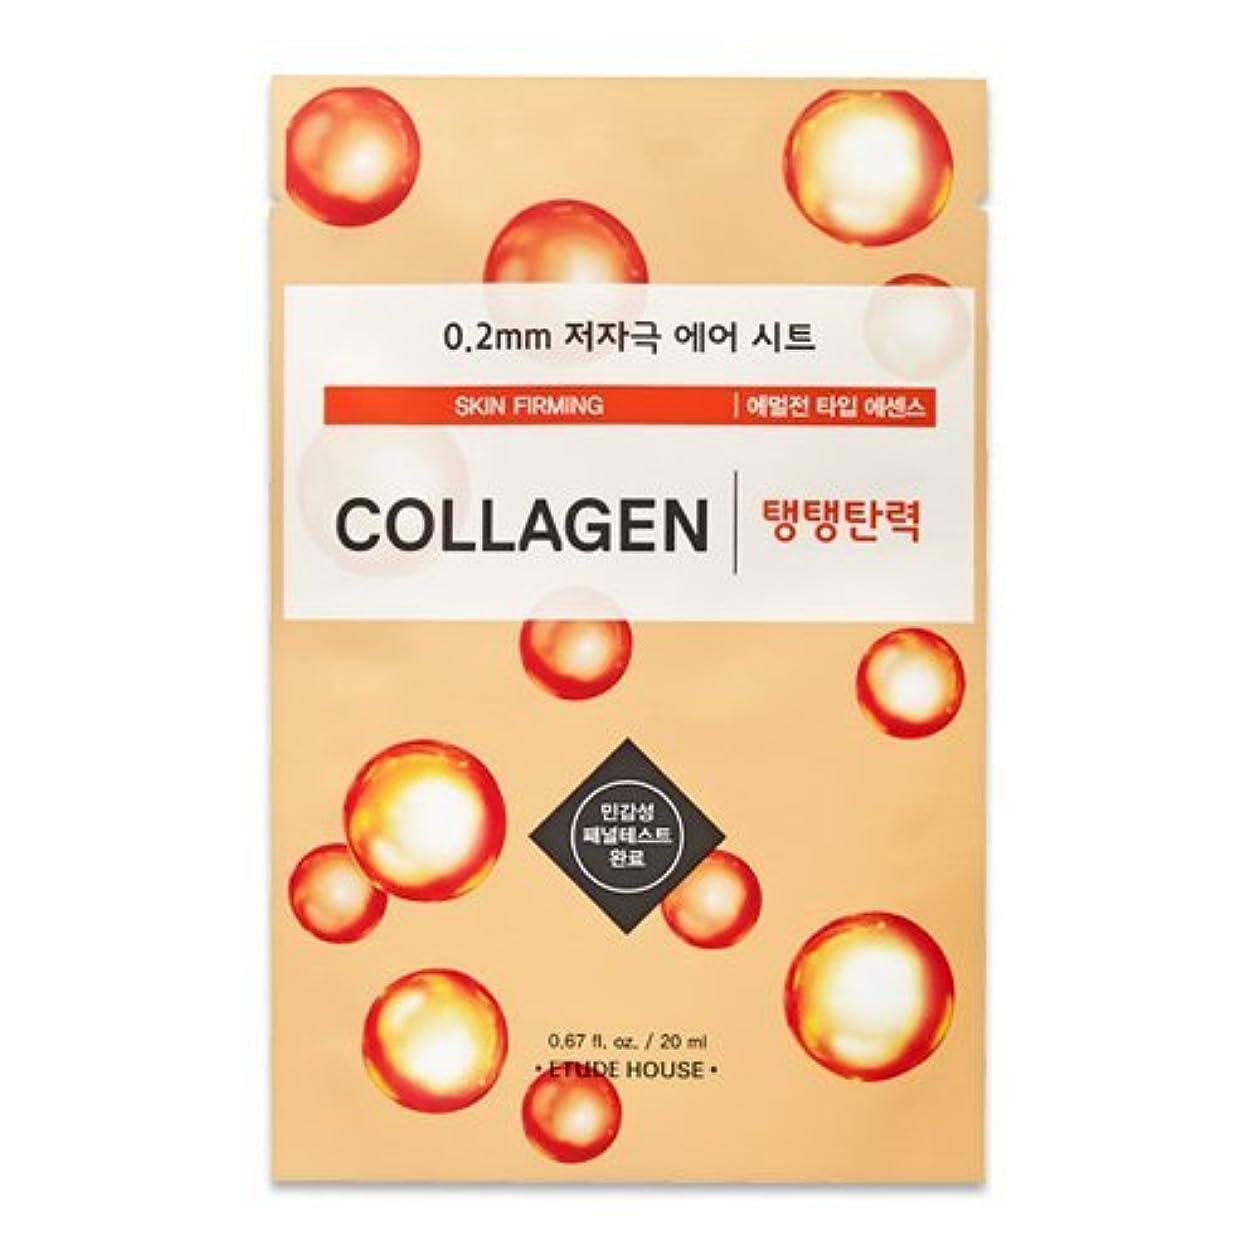 紛争セーター誘惑するETUDE HOUSE 0.2 Therapy Air Mask 20ml×10ea (#12 Collagen)/エチュードハウス 0.2 セラピー エア マスク 20ml×10枚 (#12 Collagen)